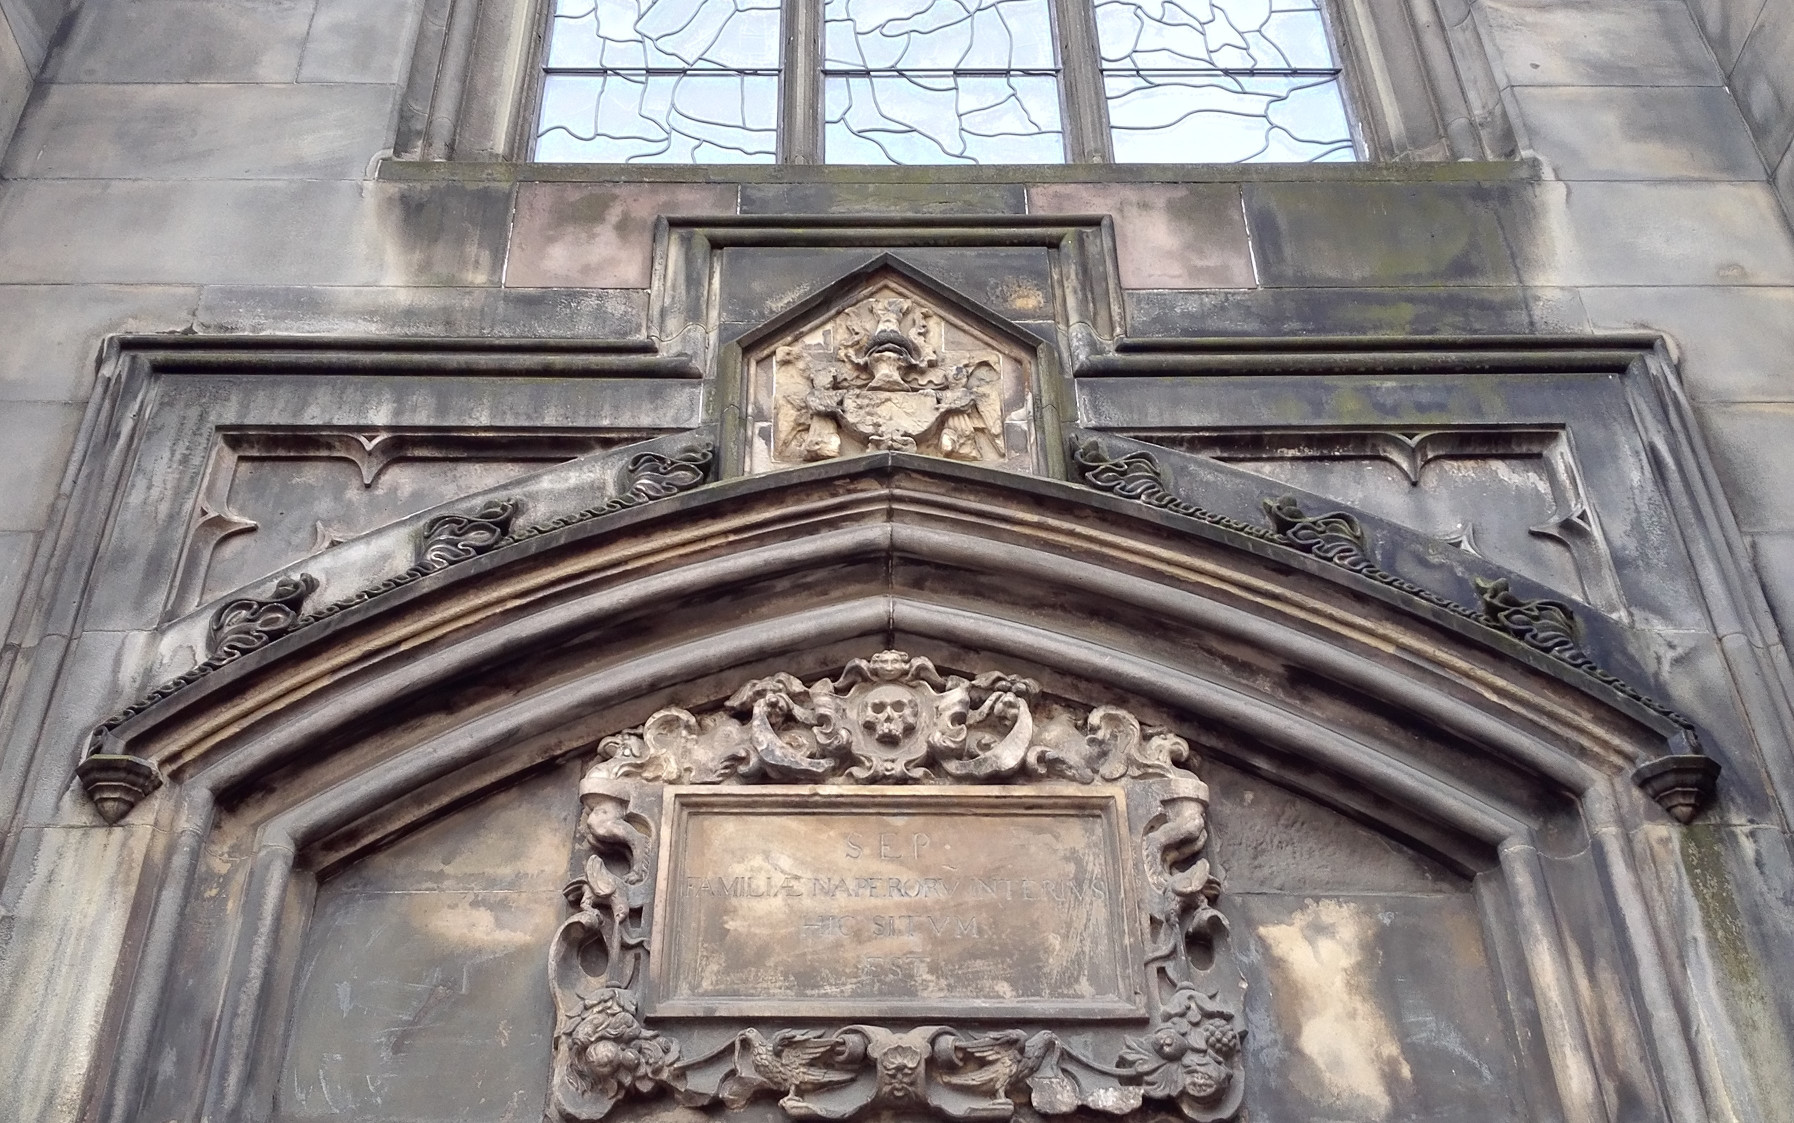 エディンバラの建物のカッコイイ装飾